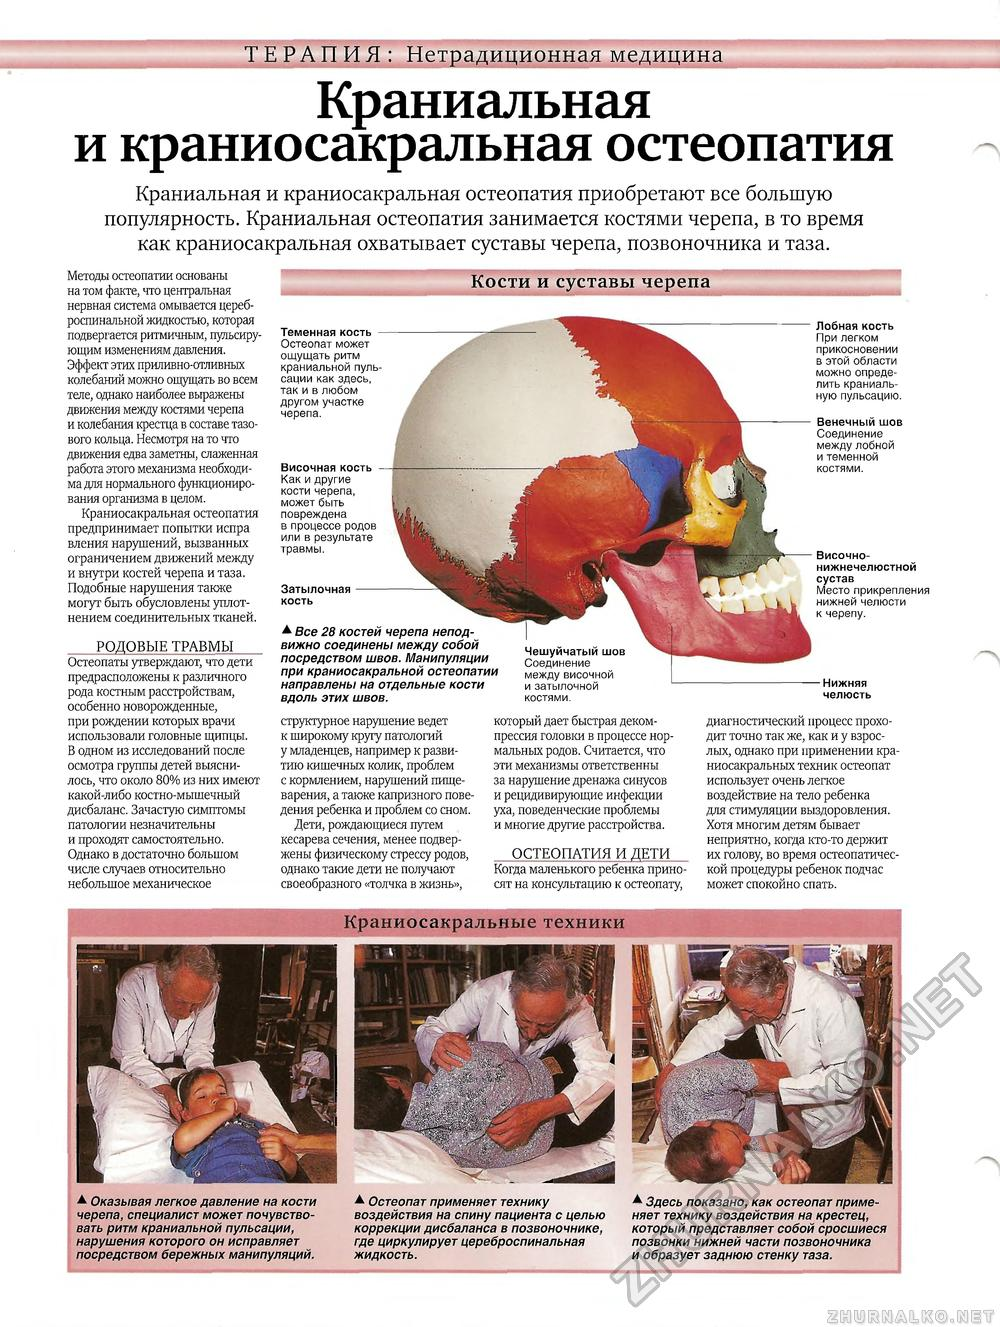 остеопатия при межпозвоночной грыже отзывы